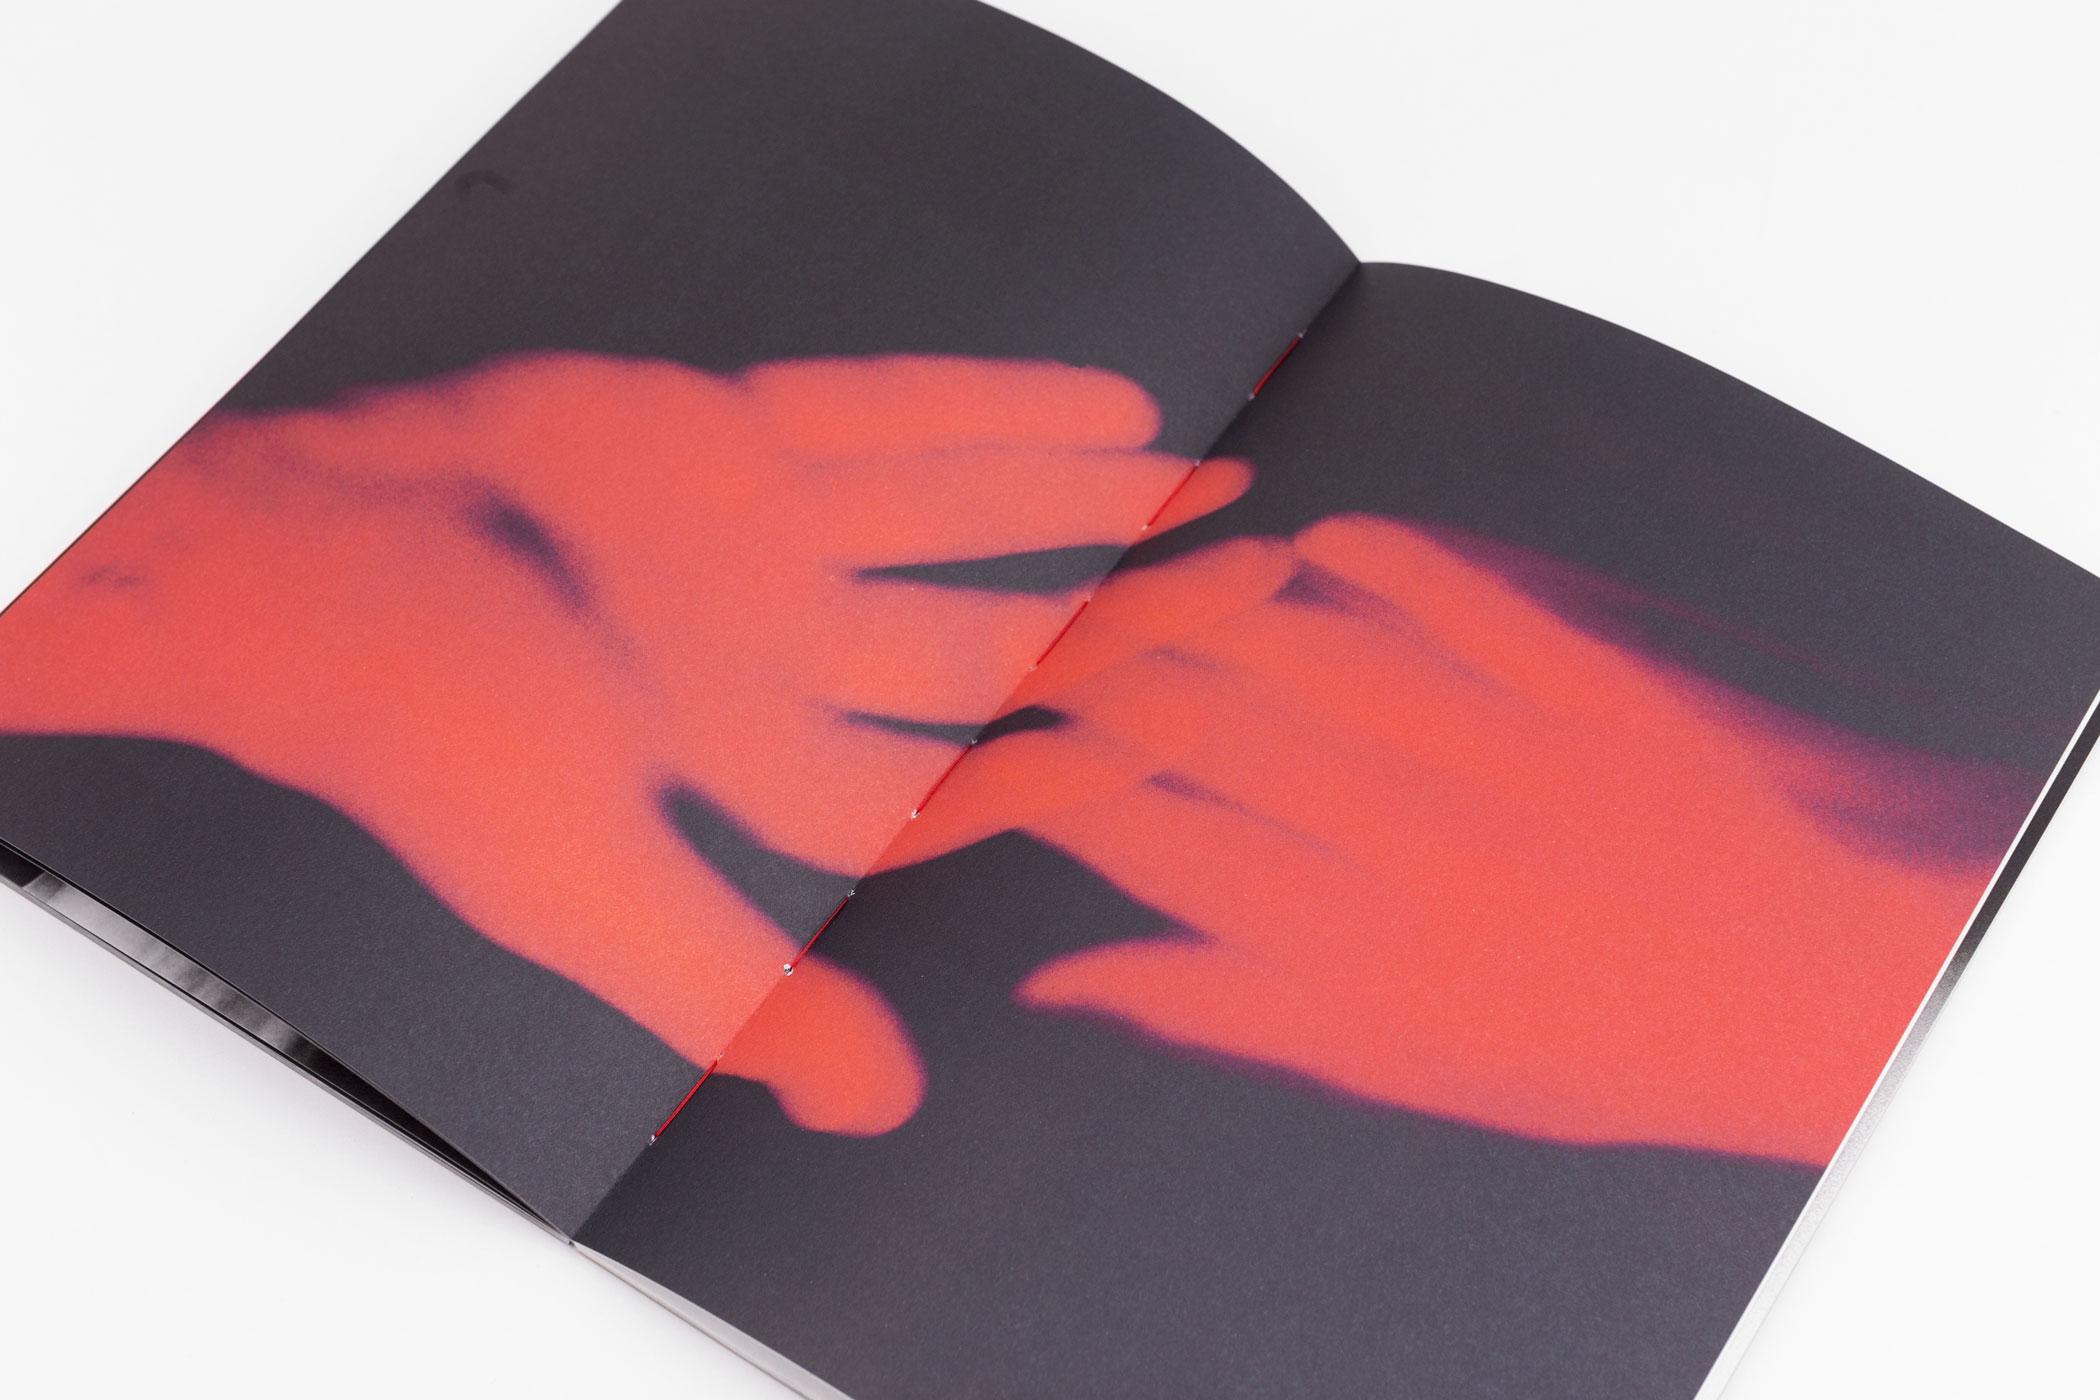 Jean-Michel Mabruki Mussa, Dennis Reitsma en Justus de Rode kwamen naar de Monsterkamer om papier uit te zoeken voor het boek Godspeed.